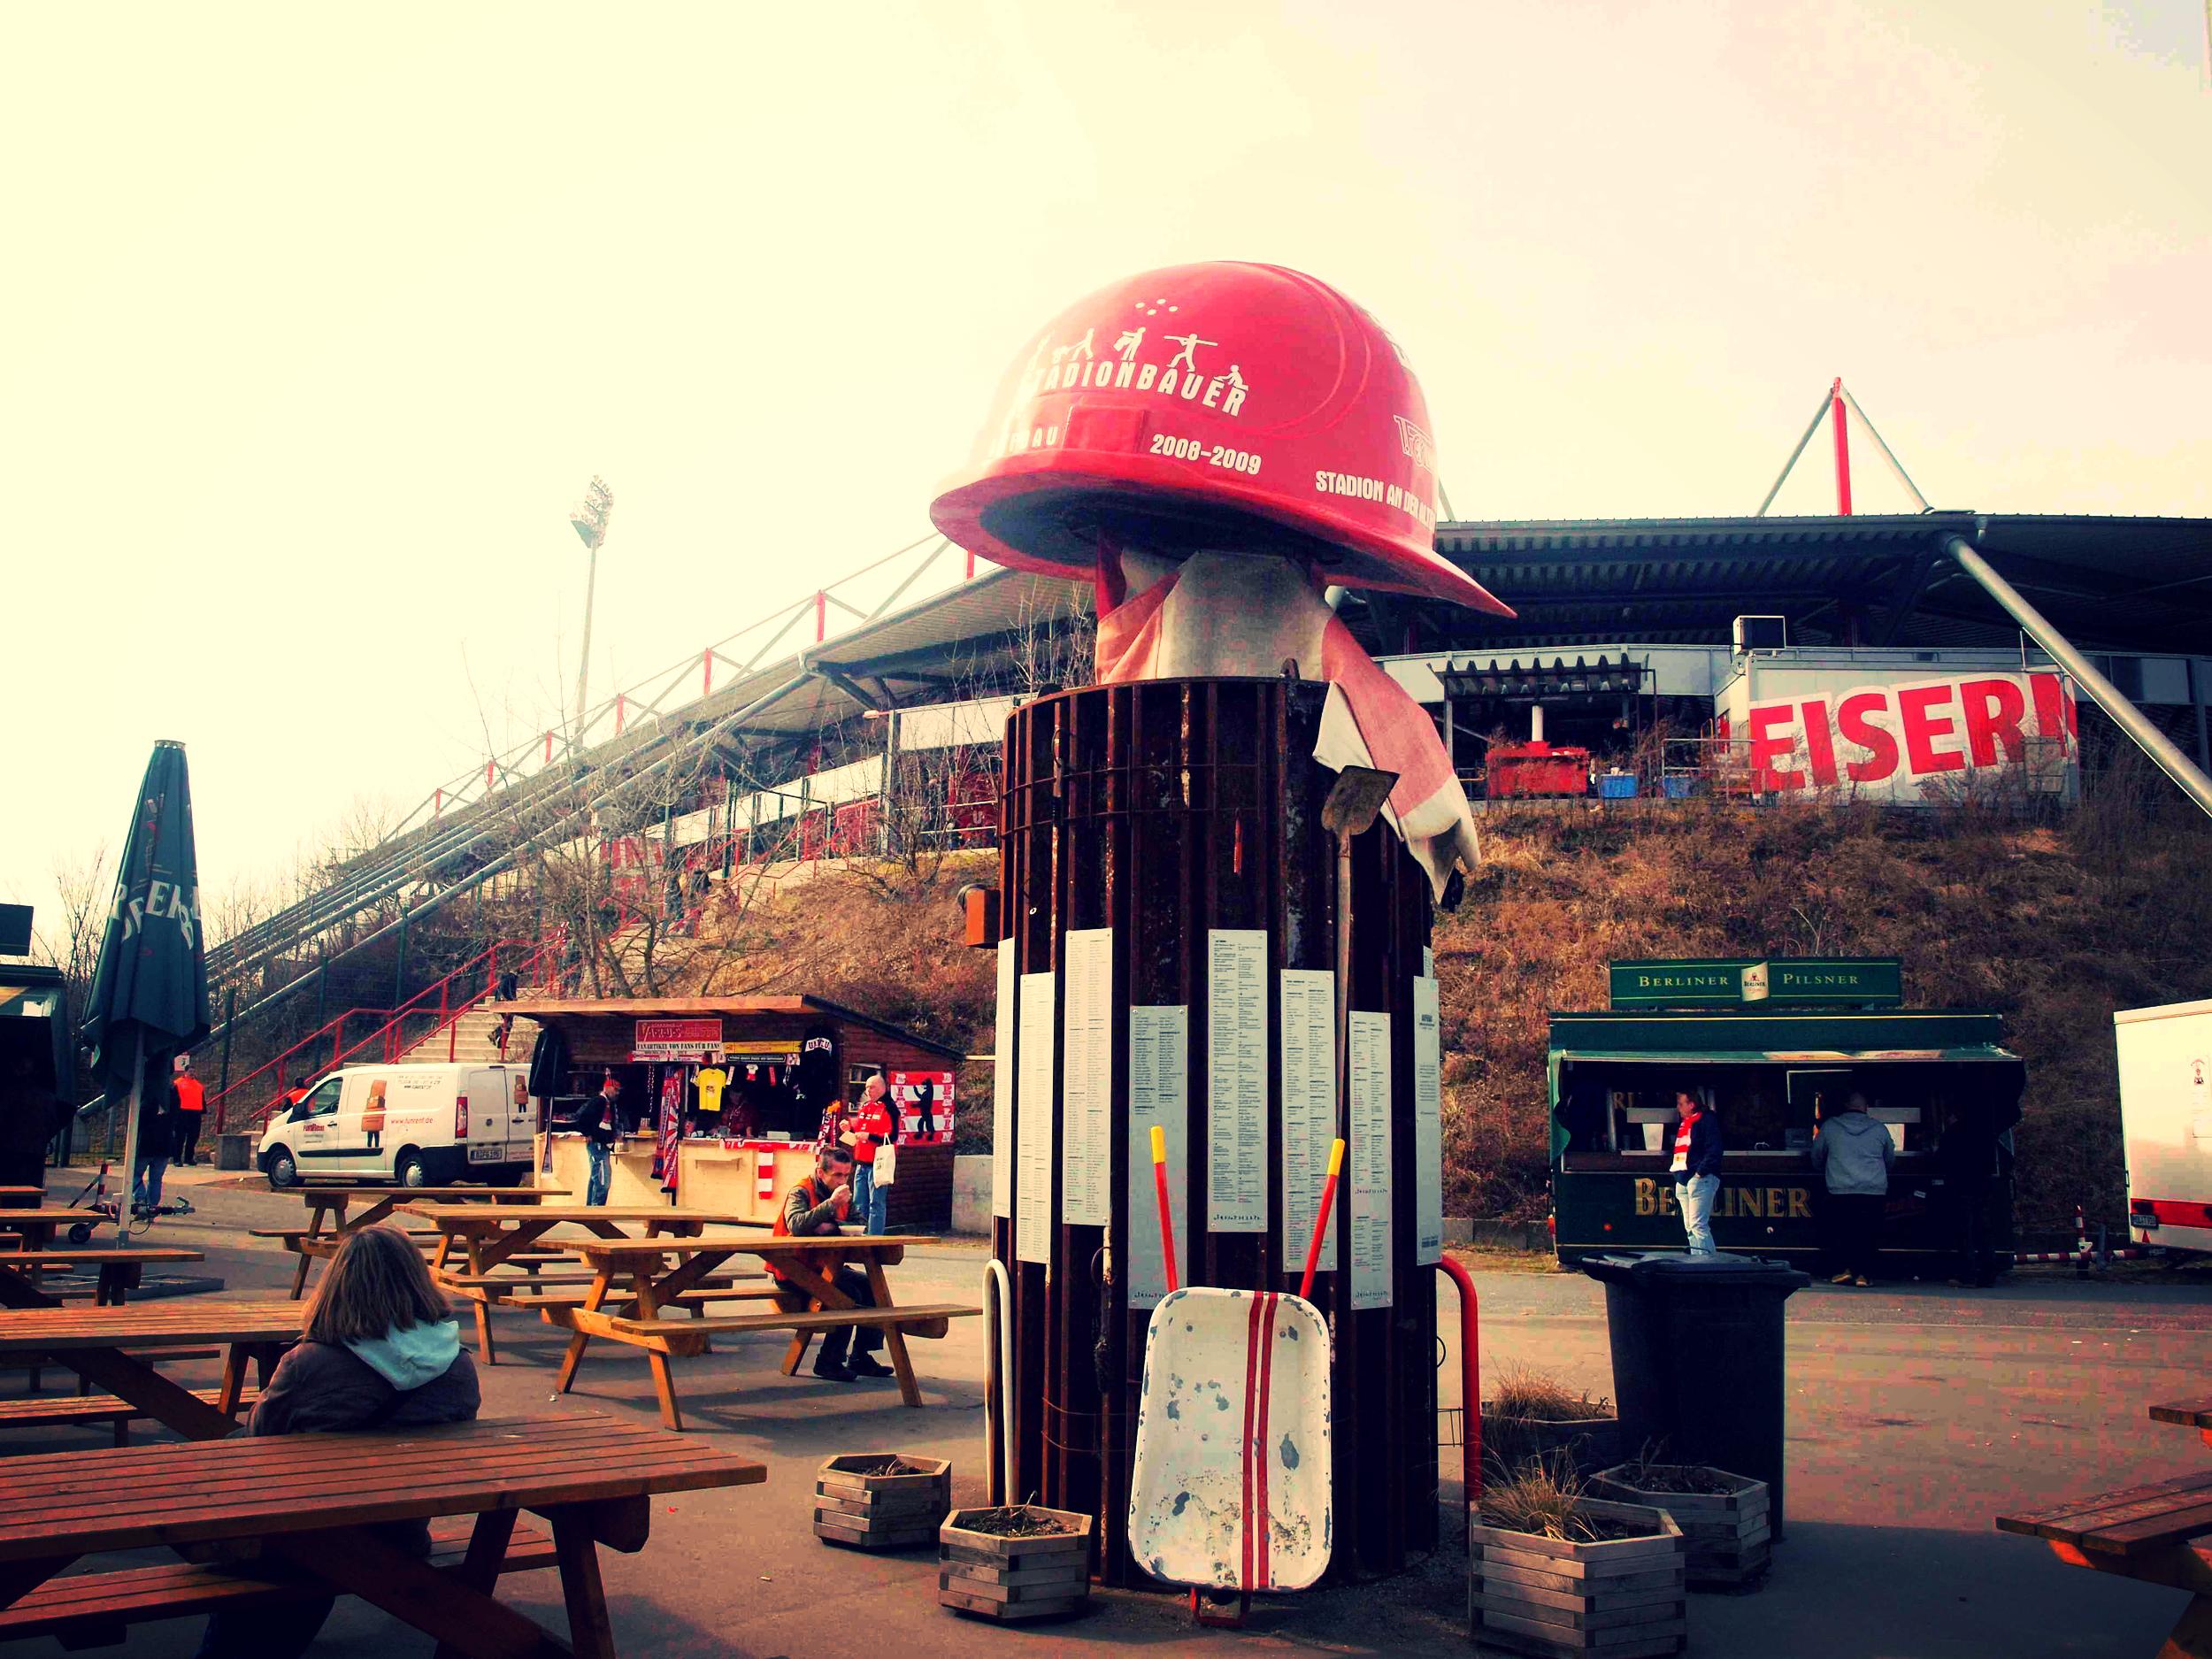 Union Berlin er østklubben, der har bygget sit eget stadion med hjælp fra 2000 fans. Foto: Dan Pedersen